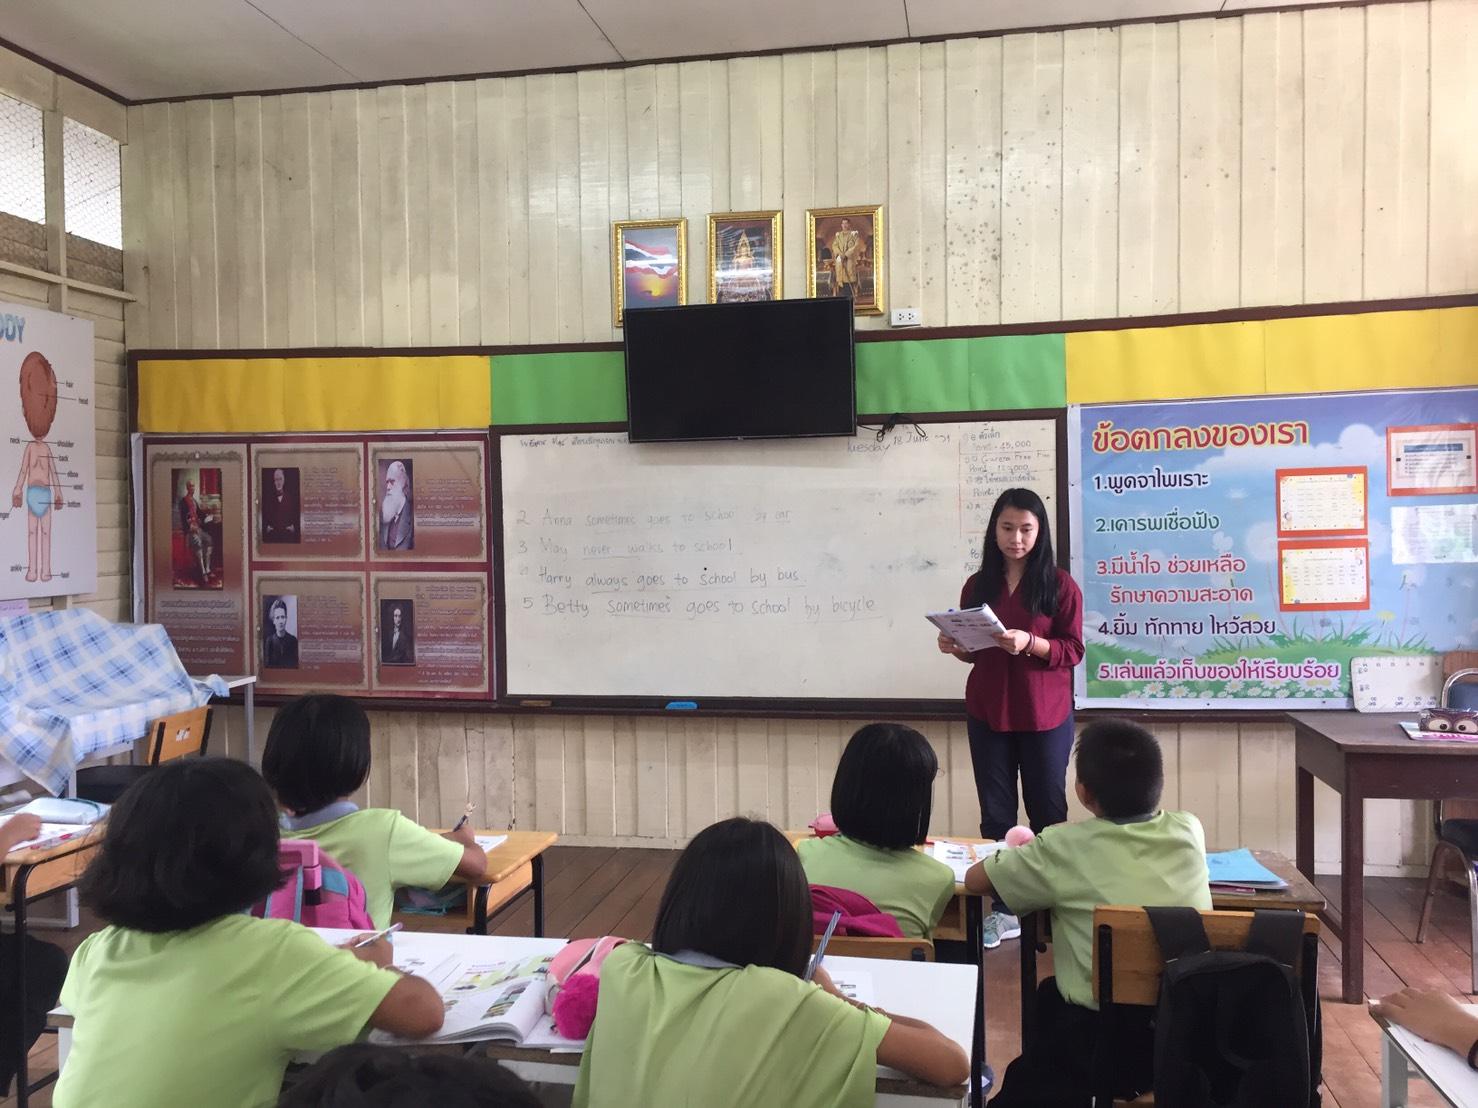 Flo saat mengajar murid-muridnya di Thailand